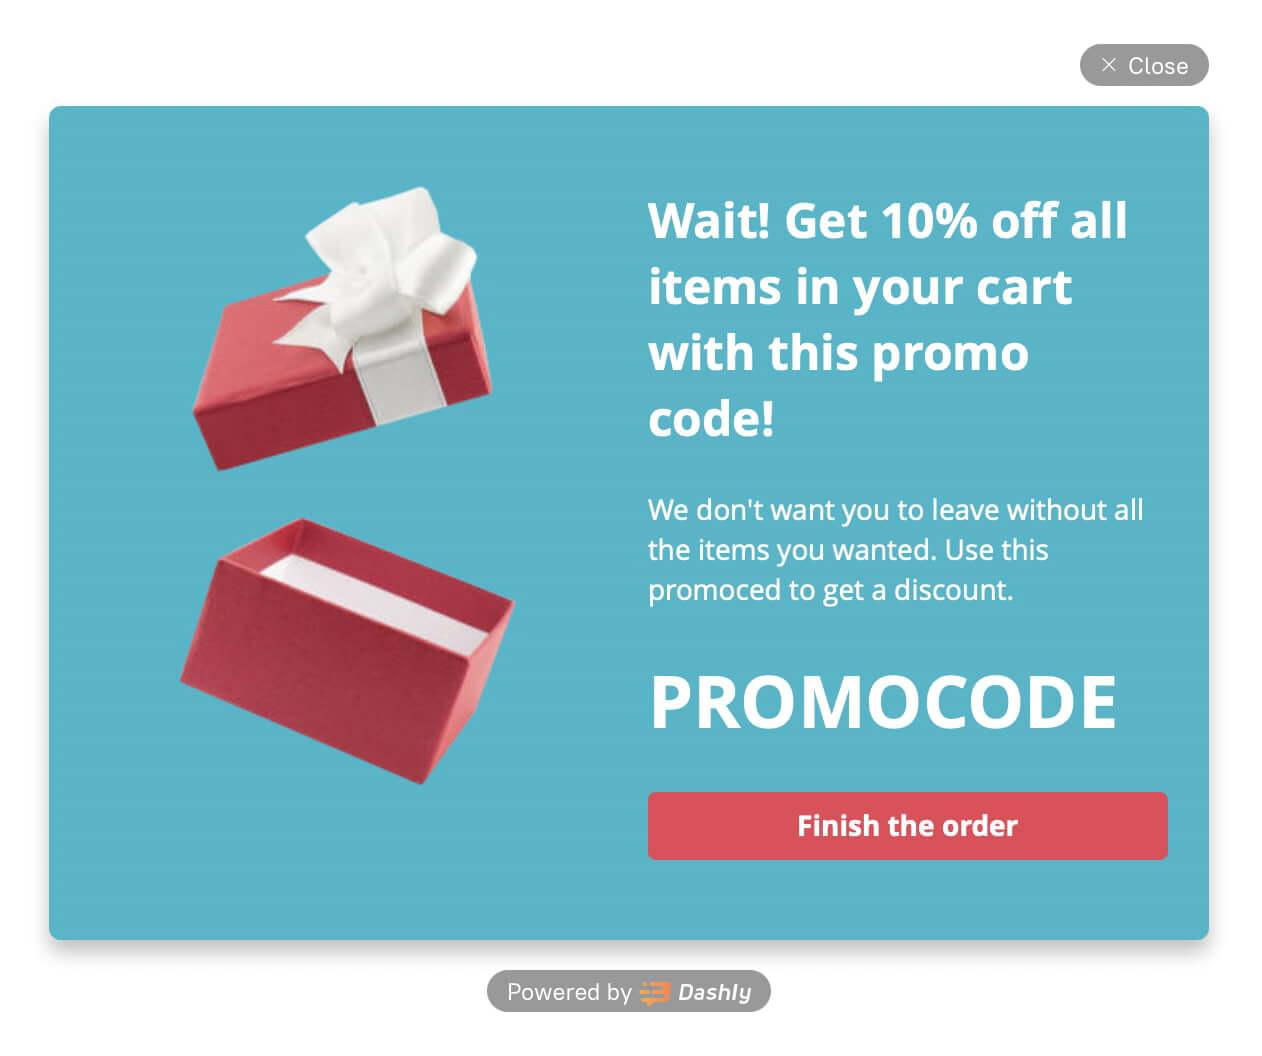 Pop-up offering a promocode